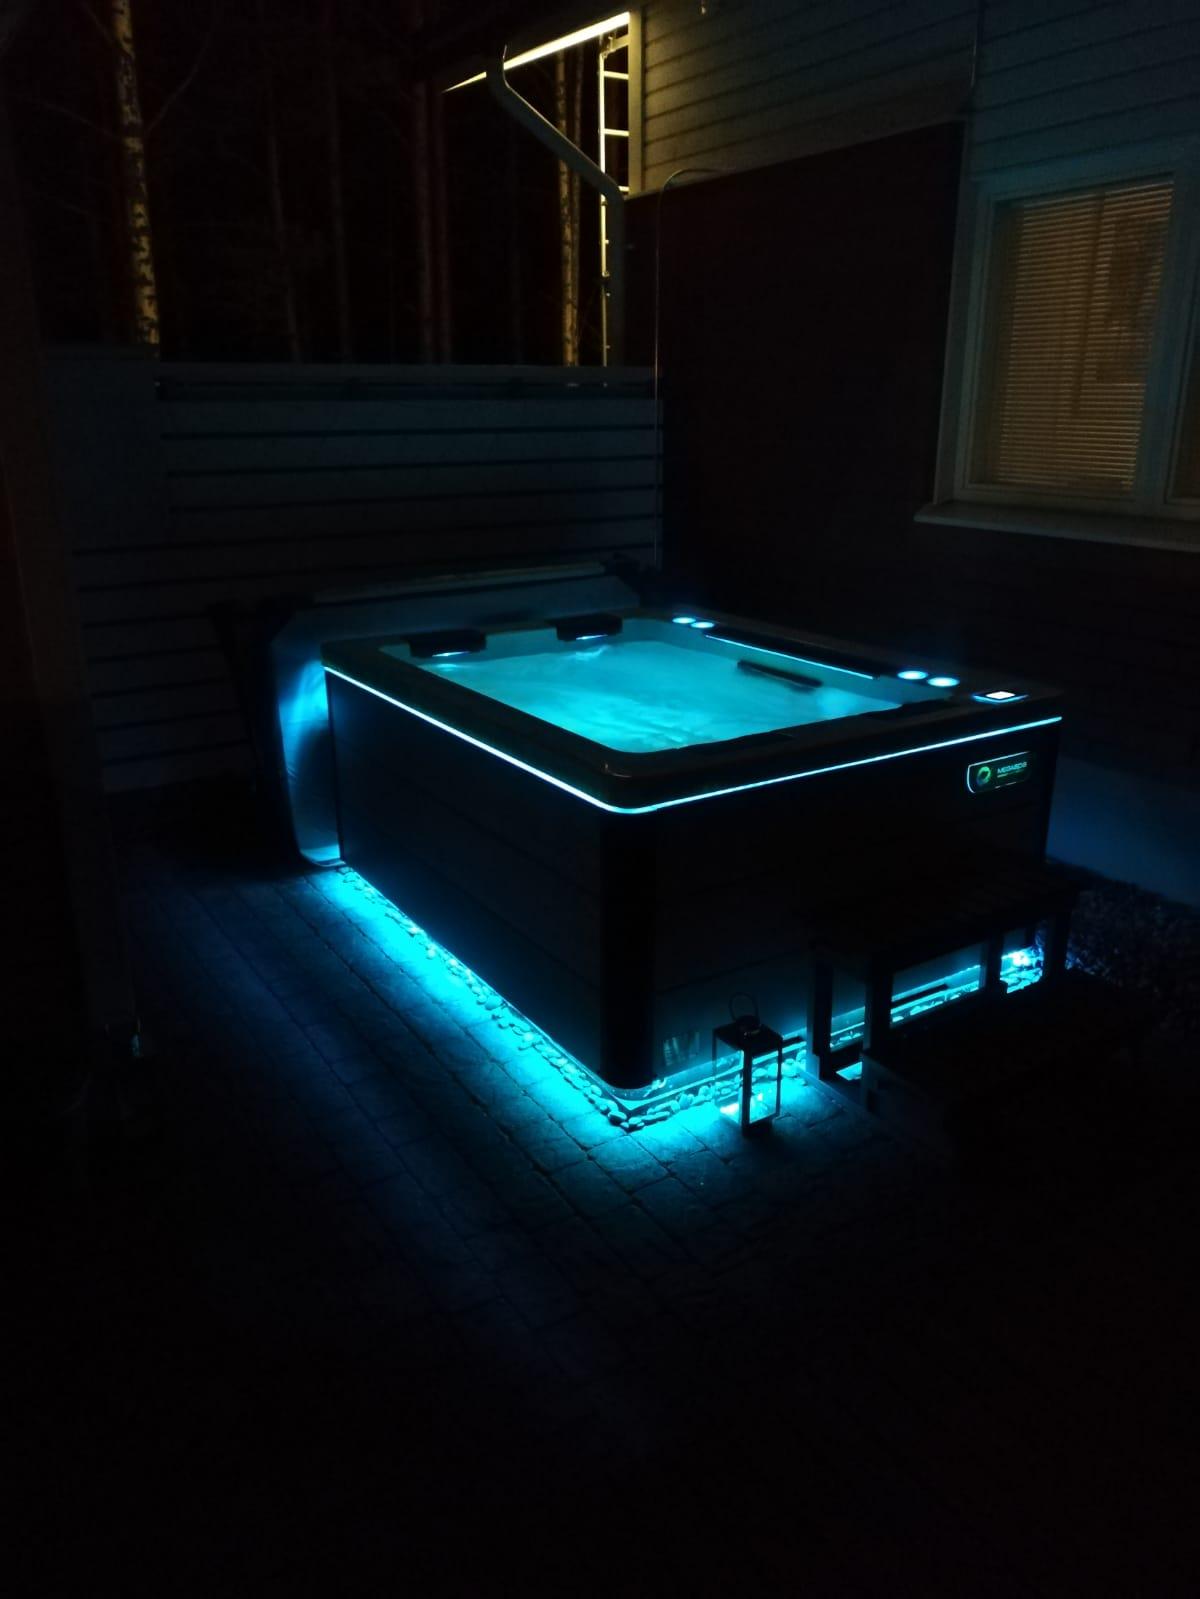 horizon 41 ulkoporeallas, LED-valot